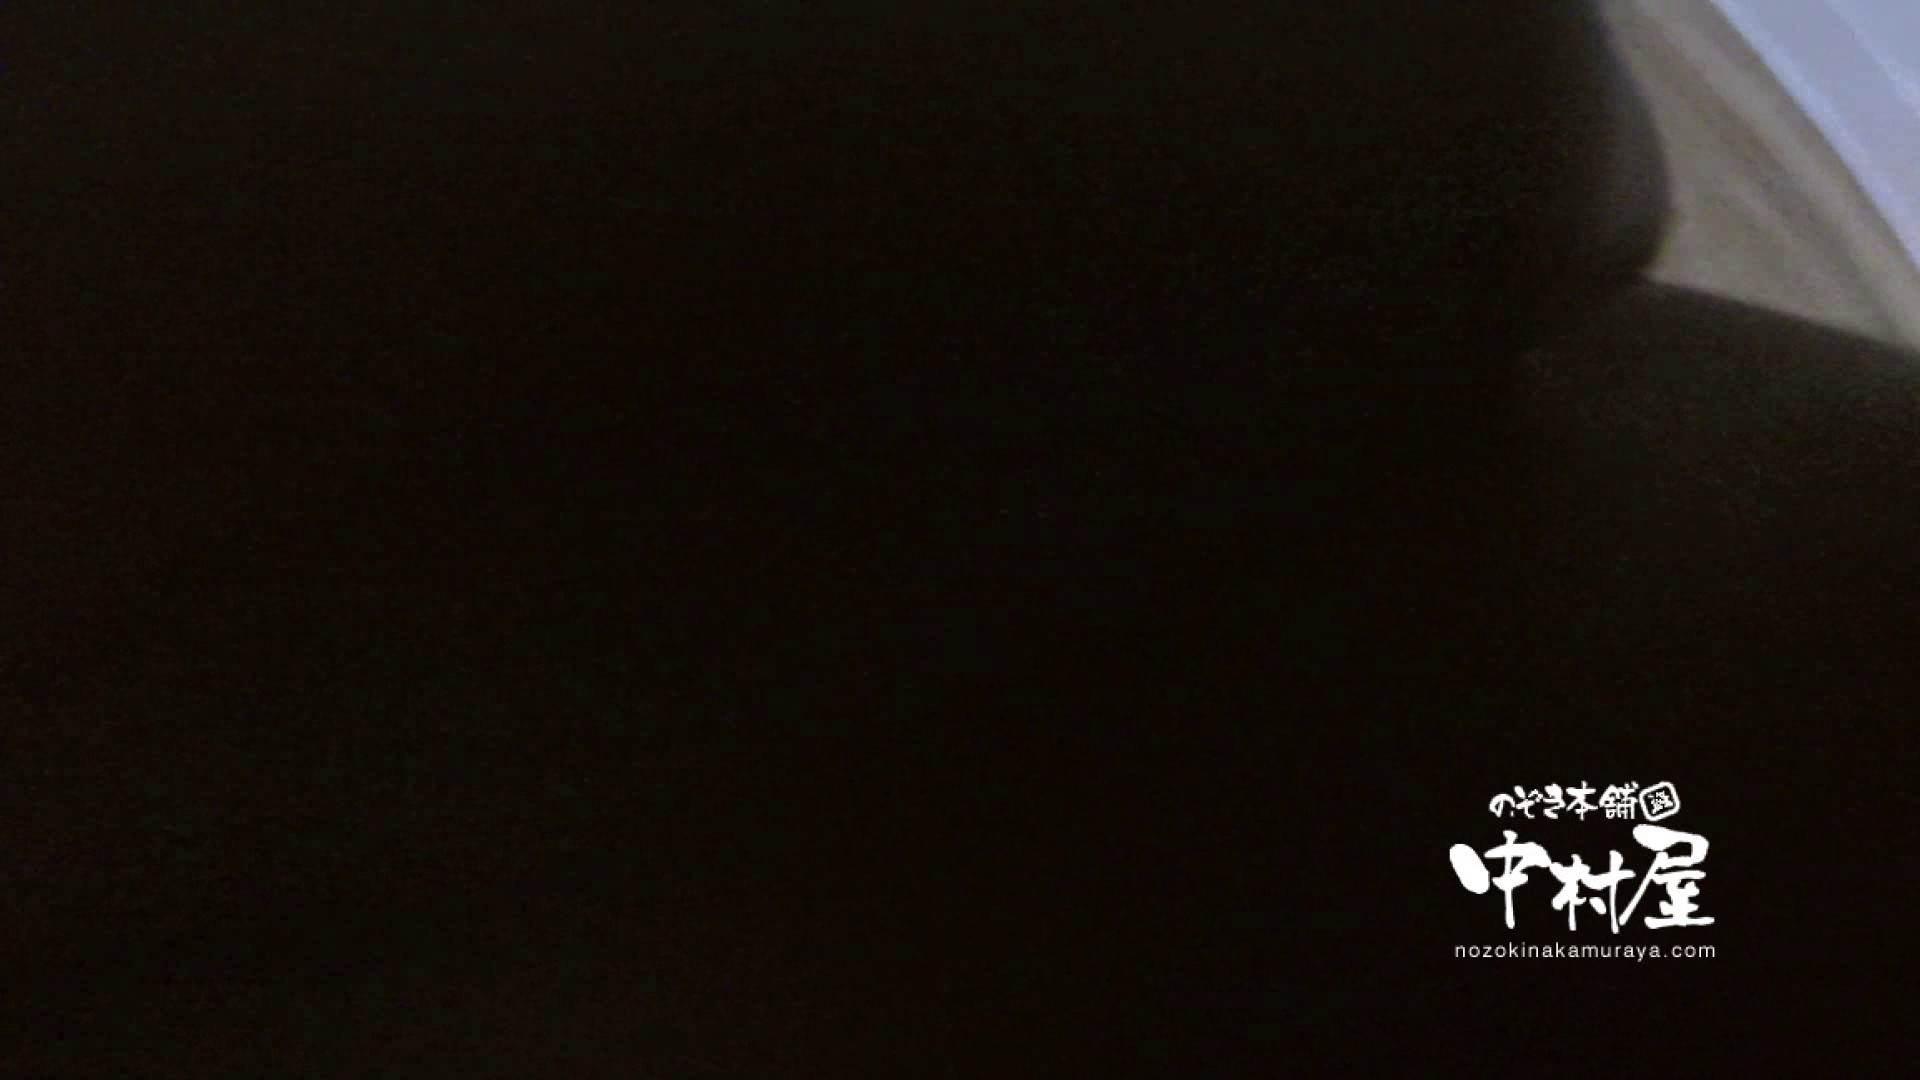 鬼畜 vol.10 あぁ無情…中出しパイパン! 後編 鬼畜 覗き性交動画流出 106画像 98